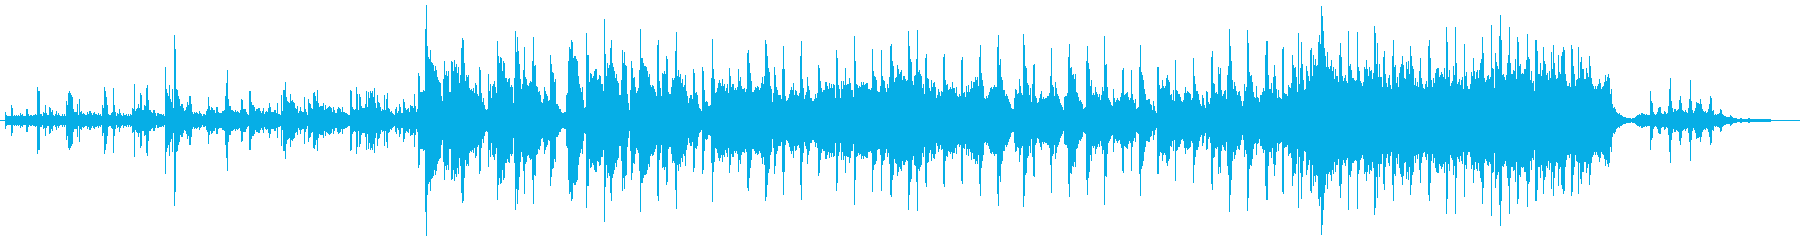 穏やかな日常や思い出すシーンBGMの再生済みの波形